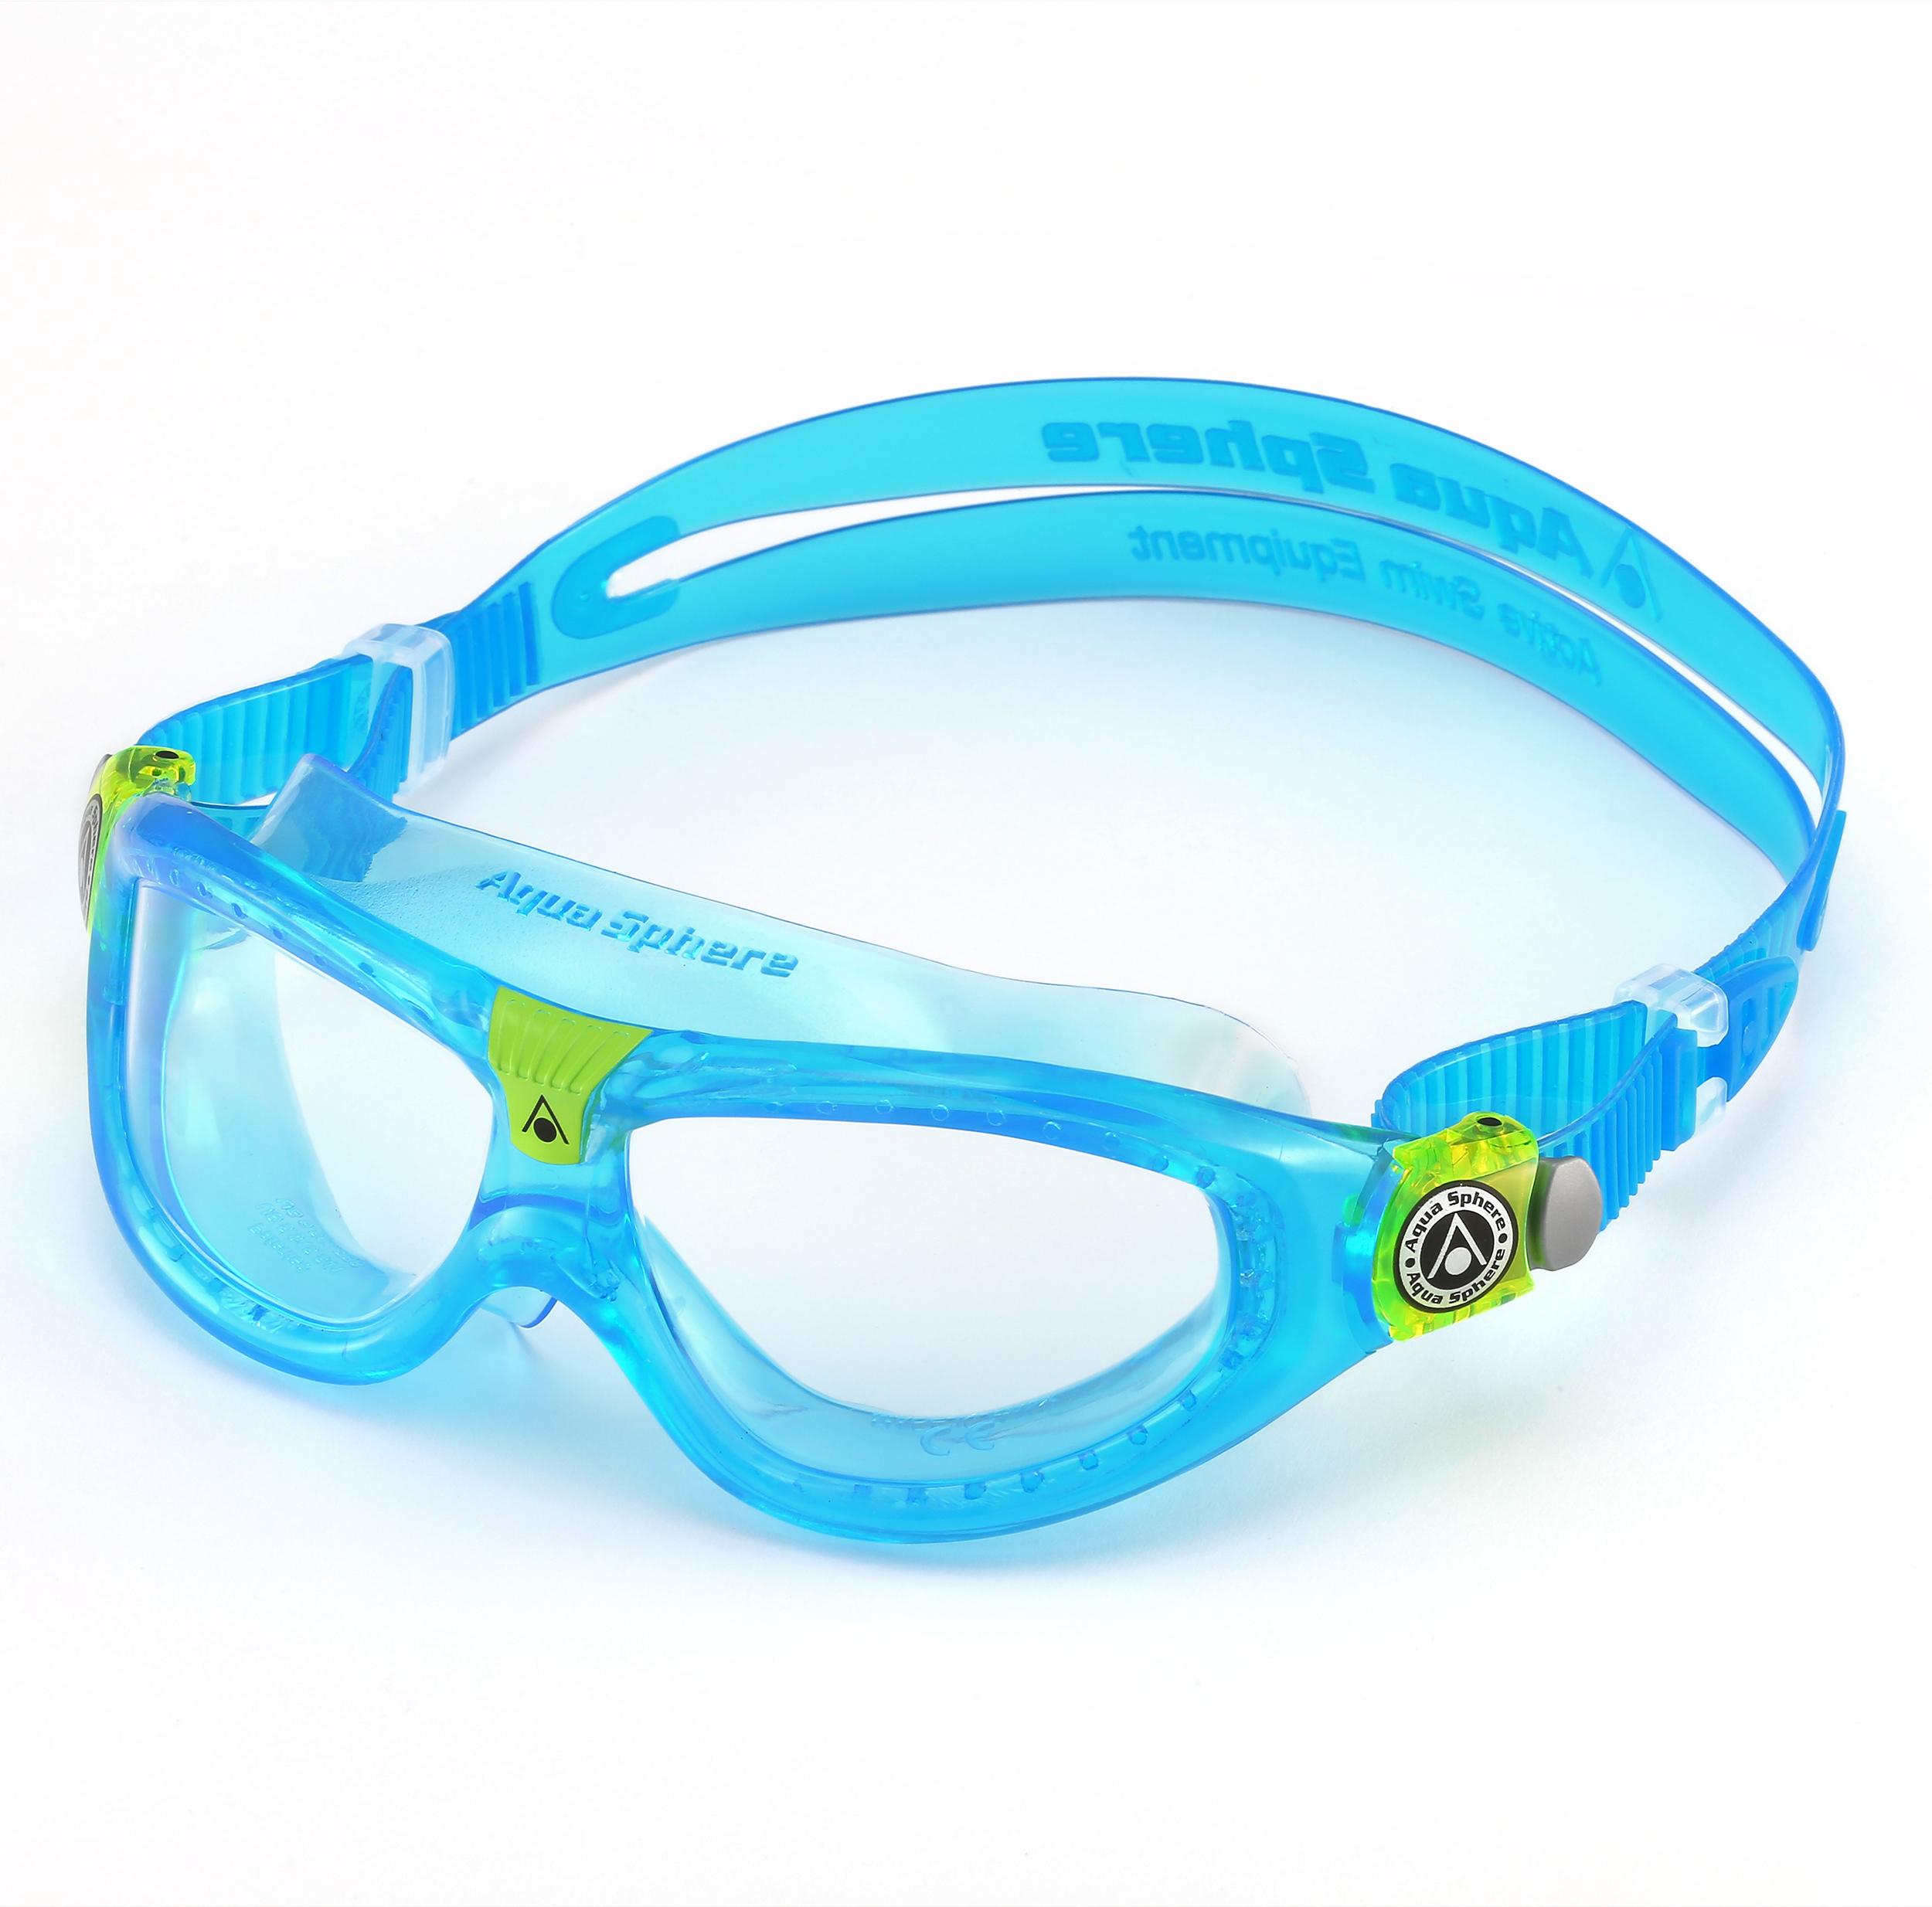 3f2111a06798 Aqua Sphere Seal Kid 2 Goggles - Children